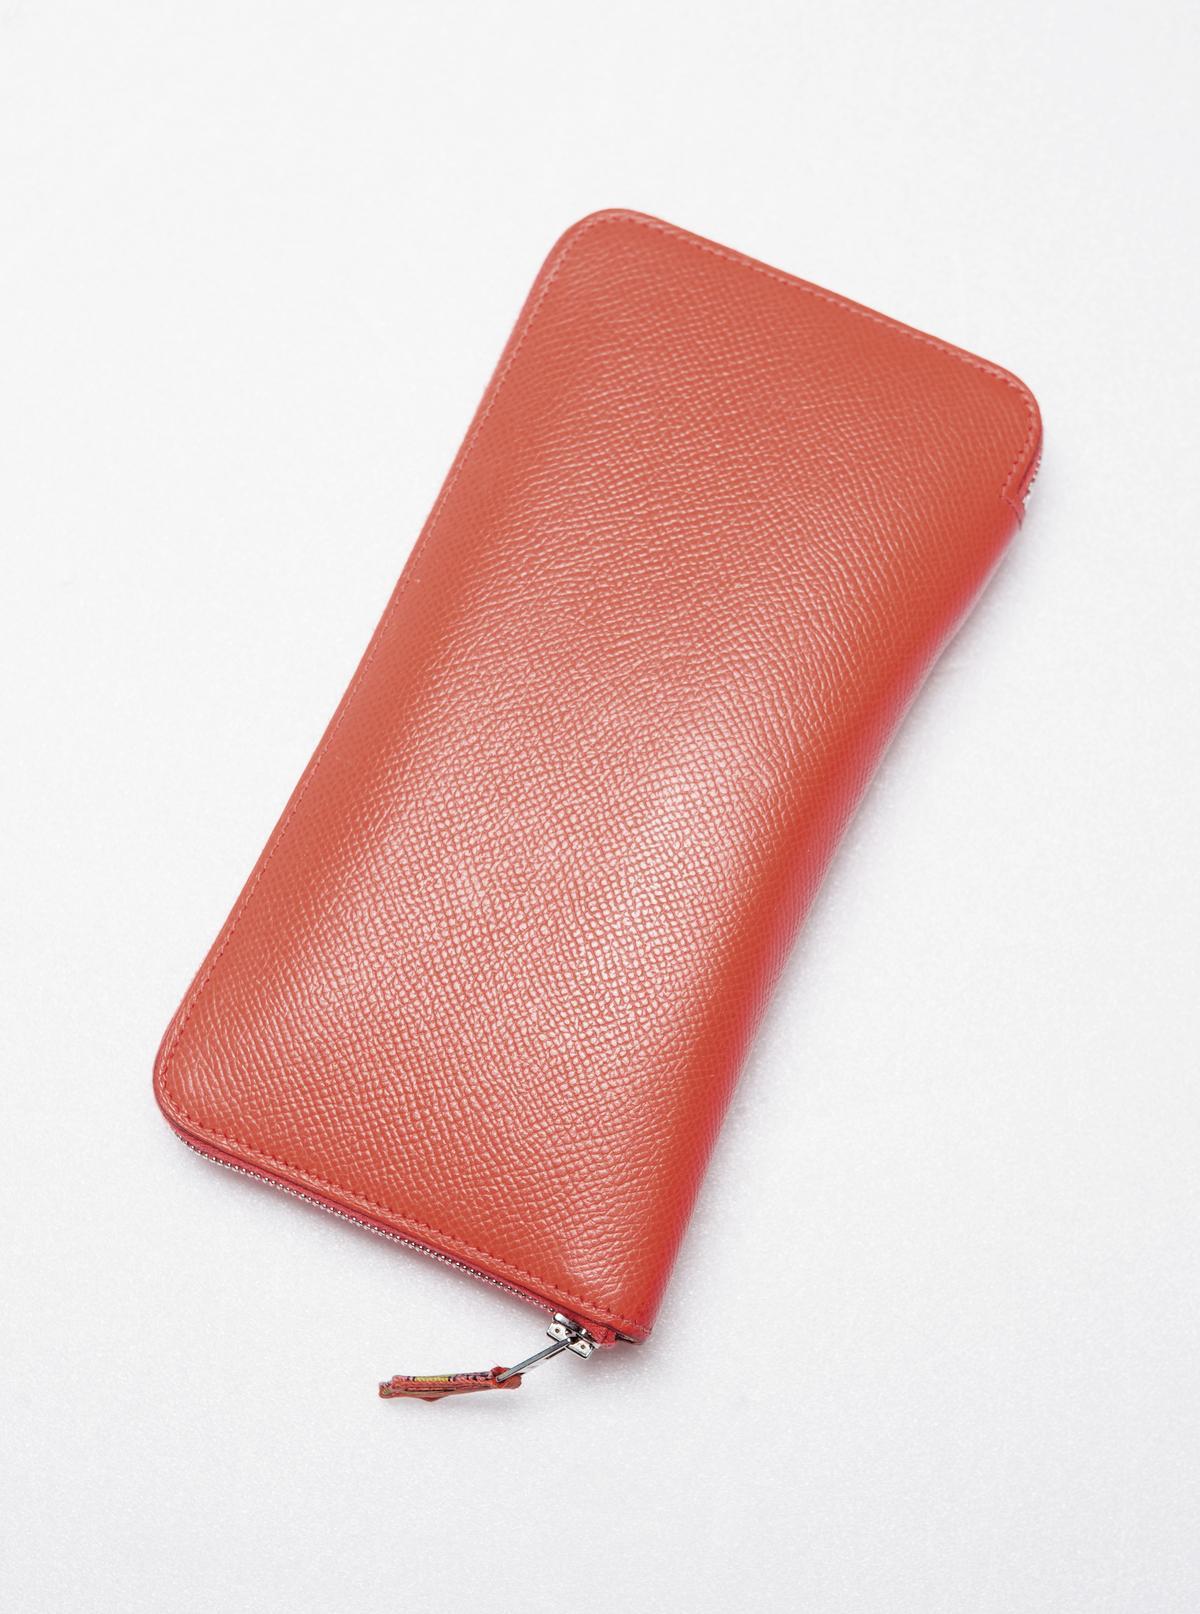 婆婆送的HERMÈS絲巾皮夾,可以跟同色系包款成對搭配。約NT$30,000